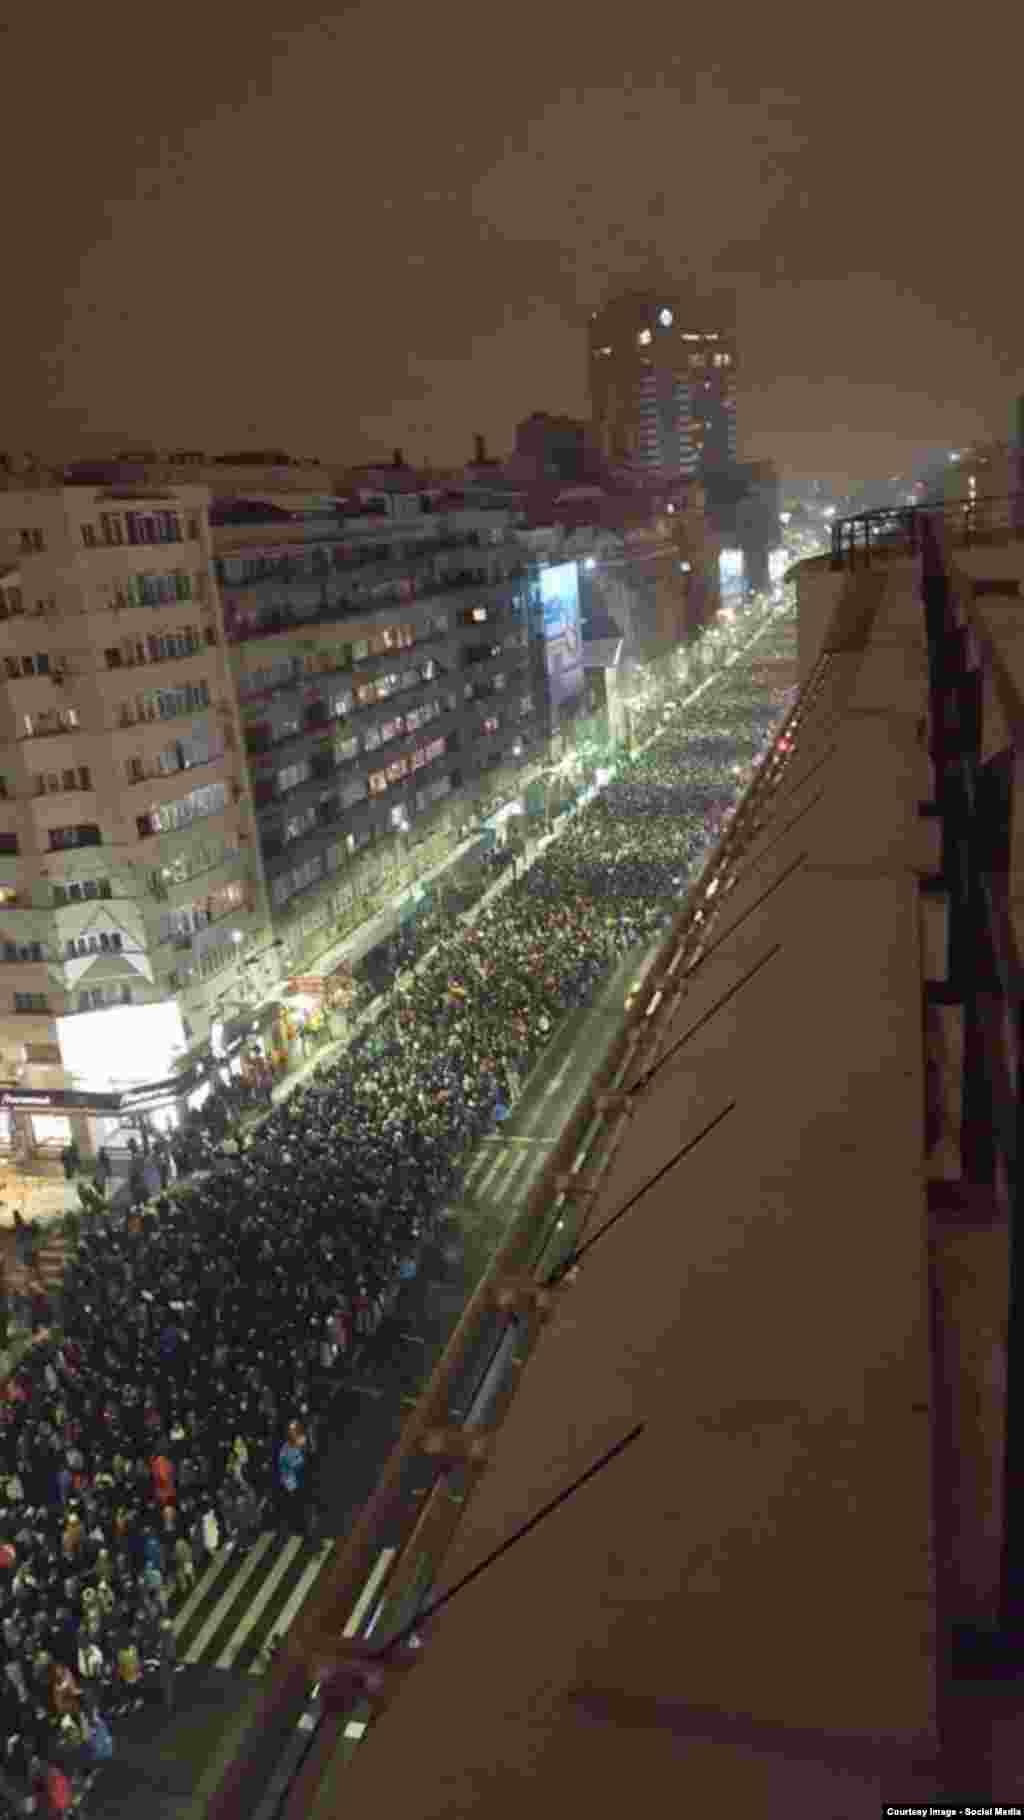 Fotografie a mulțimii demonstranților postată pe rețelele sociale la orele serii...